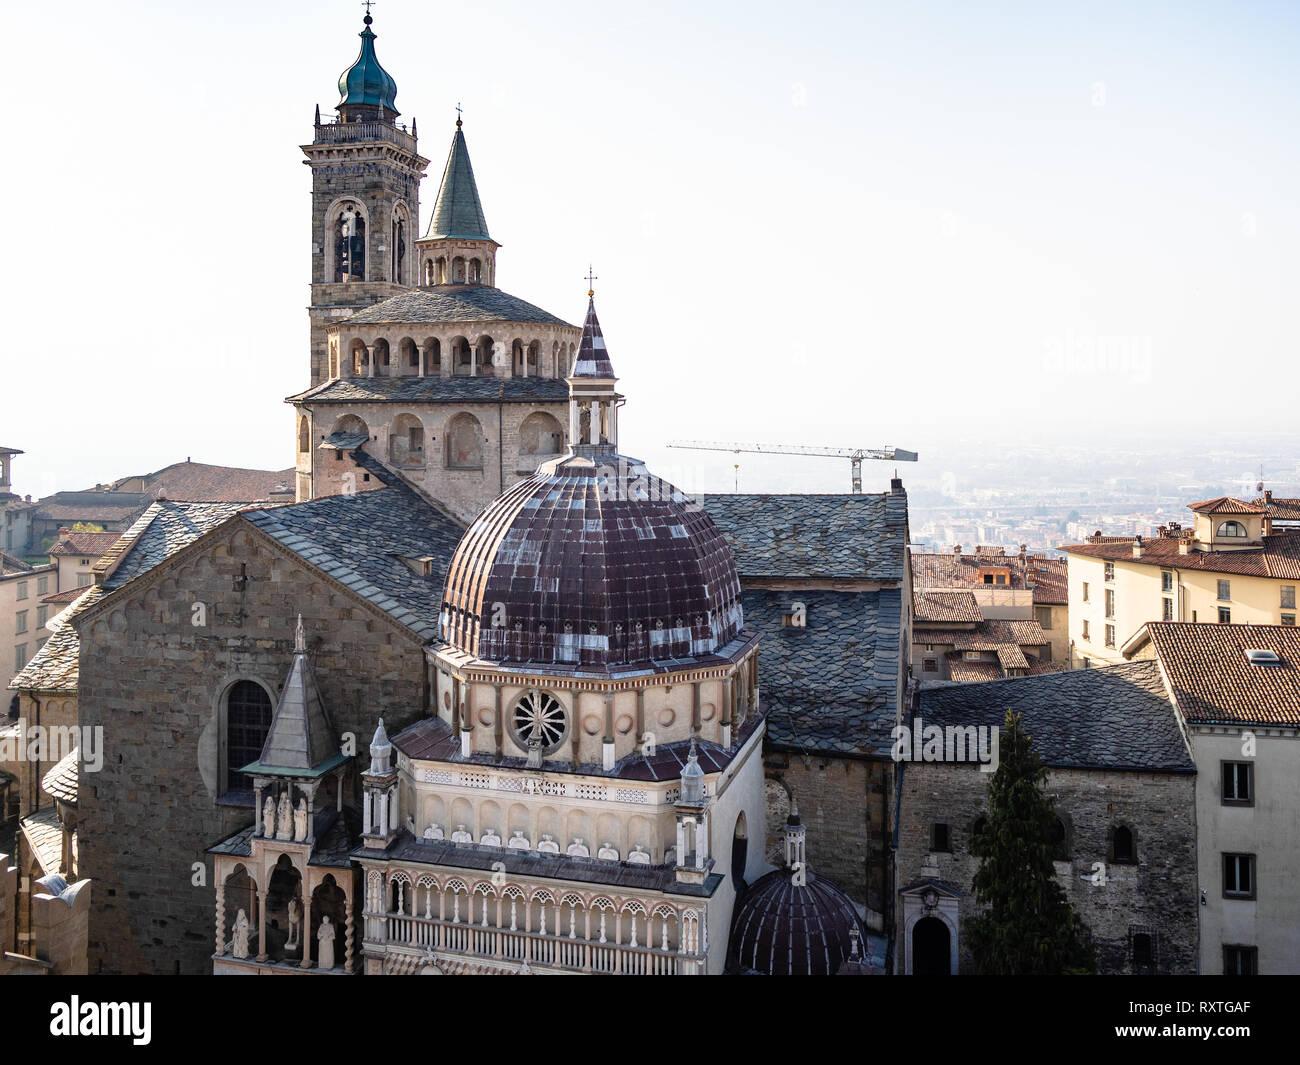 Viajar a Italia - encima de la vista de las cúpulas de la Basílica de Santa Maria Maggiore y la Cappella Colleoni en Piazza Duomo de Campanone (Torre Cívica) bell remolcar Foto de stock